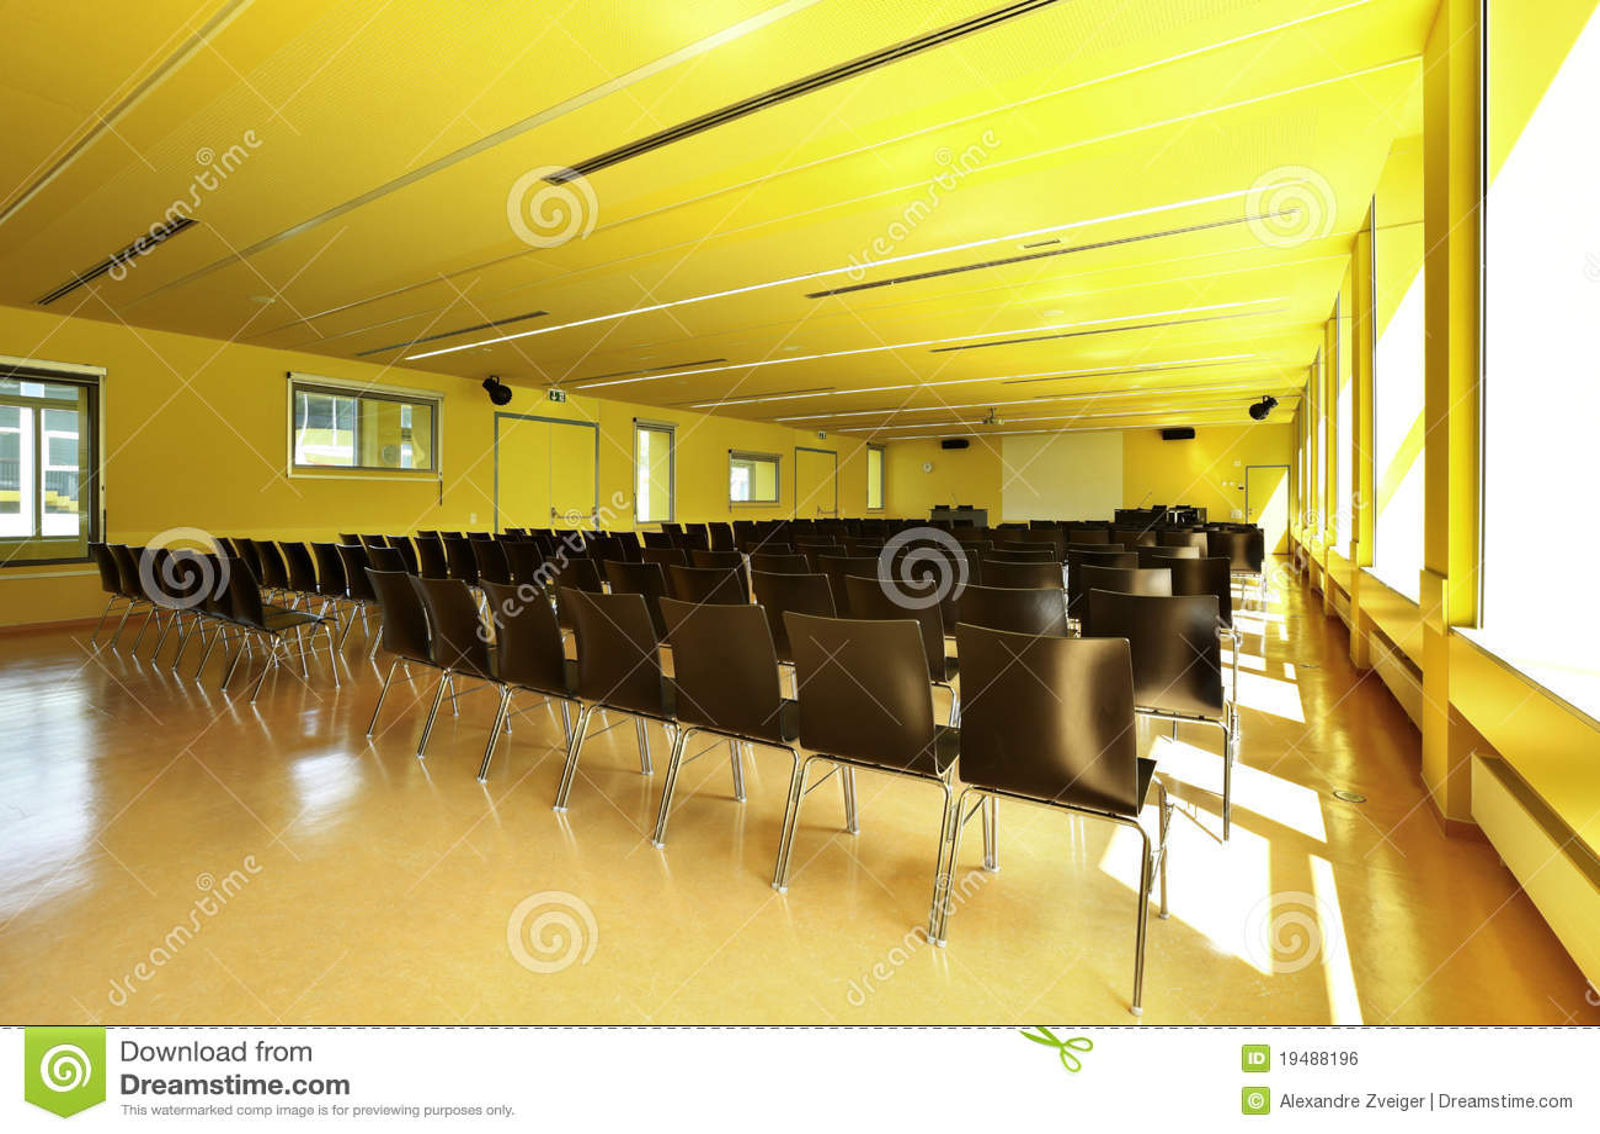 Cole d 39 etat int rieur de salle de classe image libre de for Ecole decoratrice d interieur